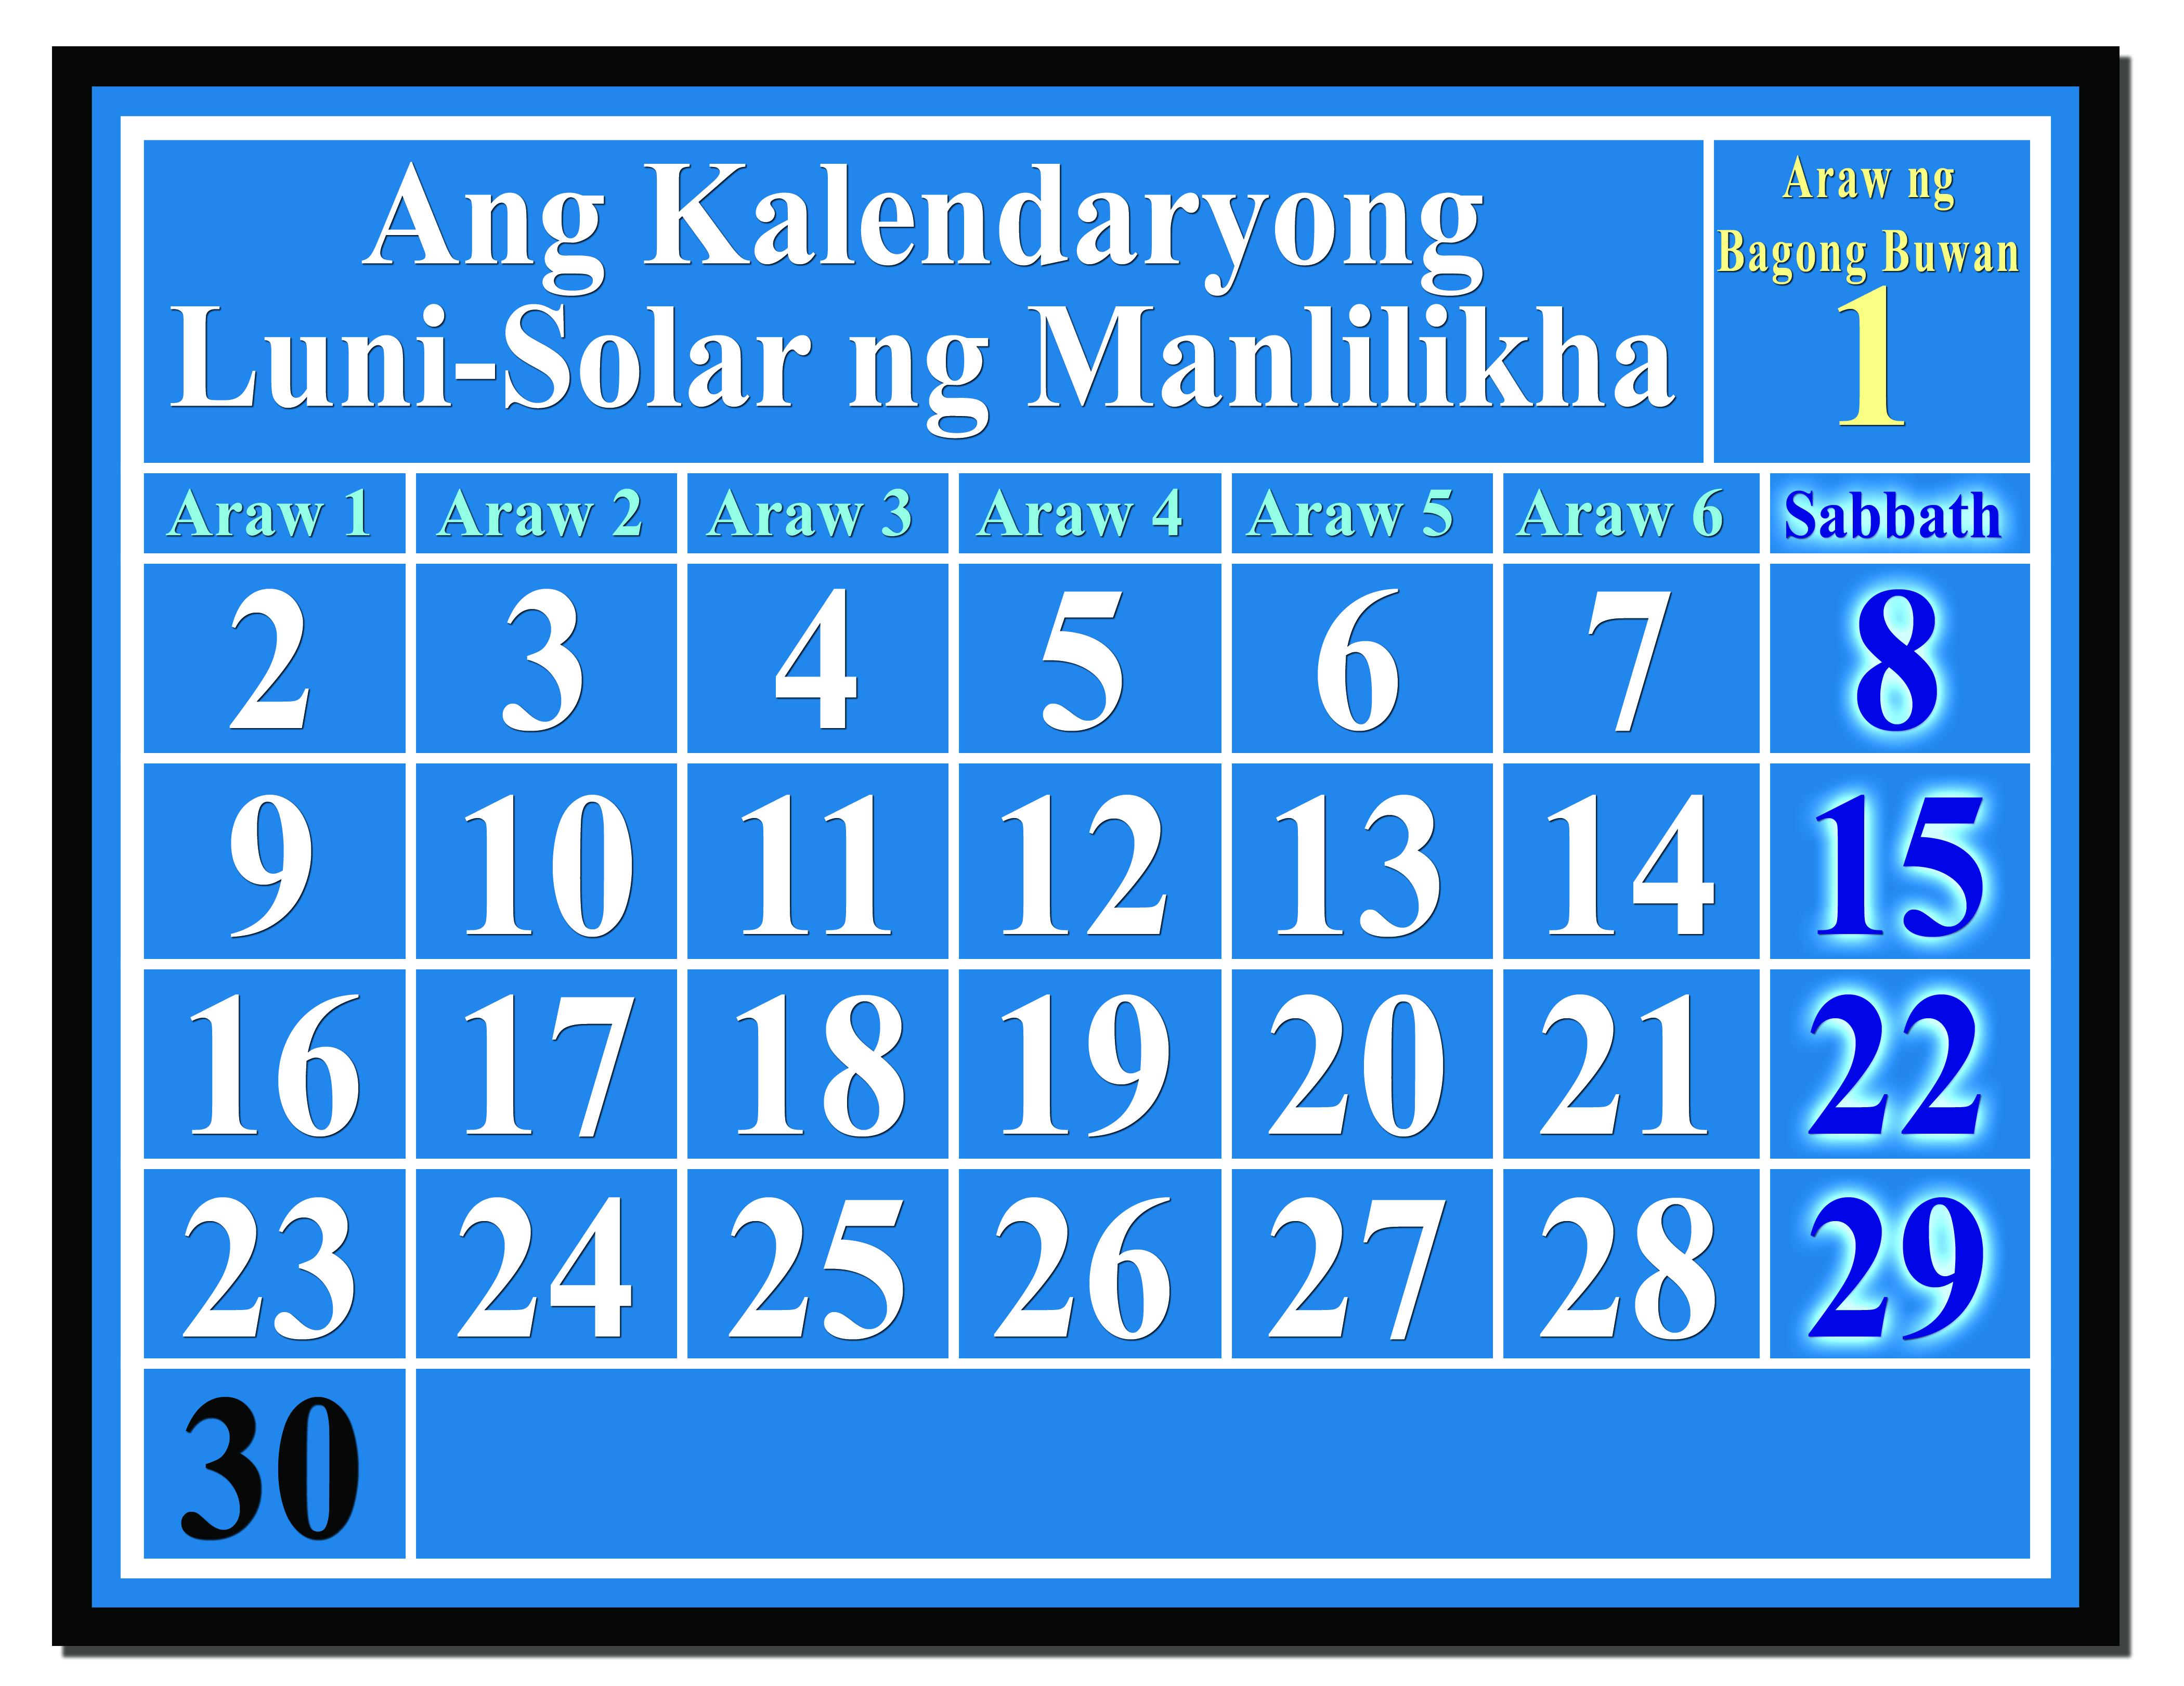 Ang Kalendaryong Luni-Solar ng Manlilikha